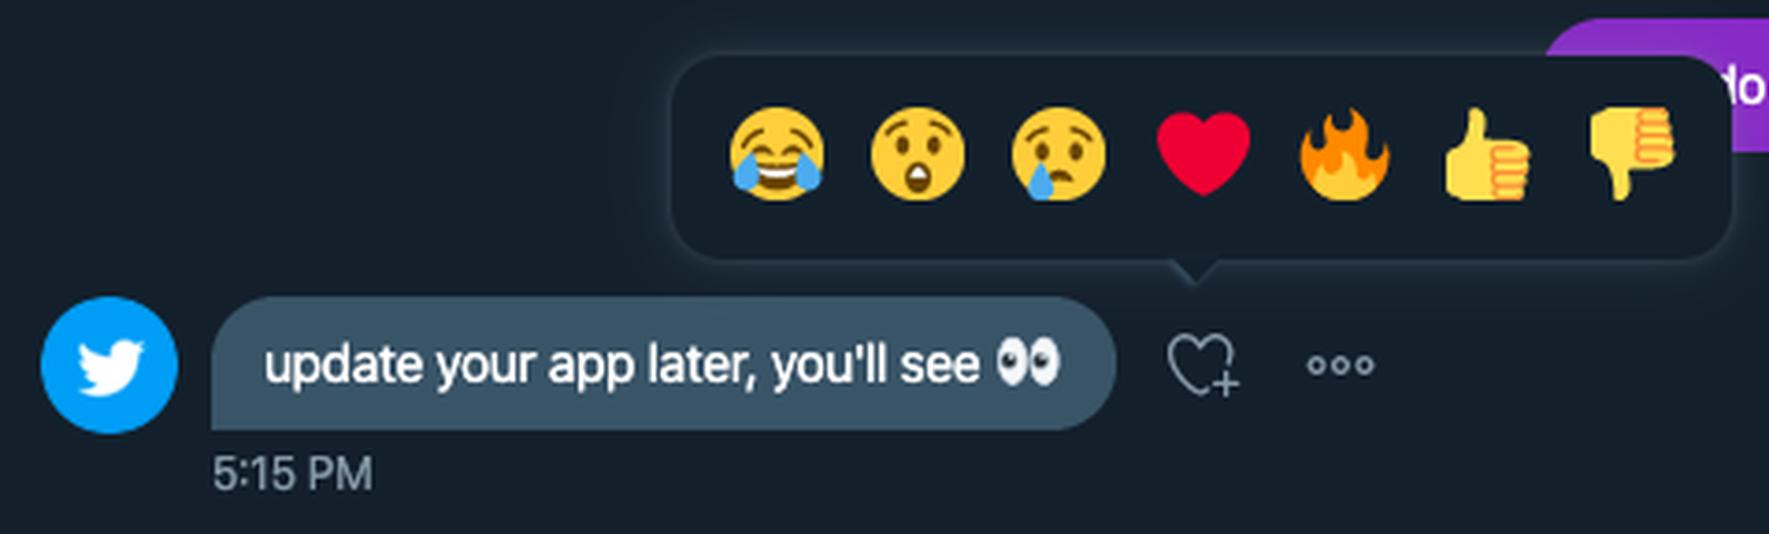 تويتر يجلب ردود الفعل التعبيرية لتوجيه الرسائل 1